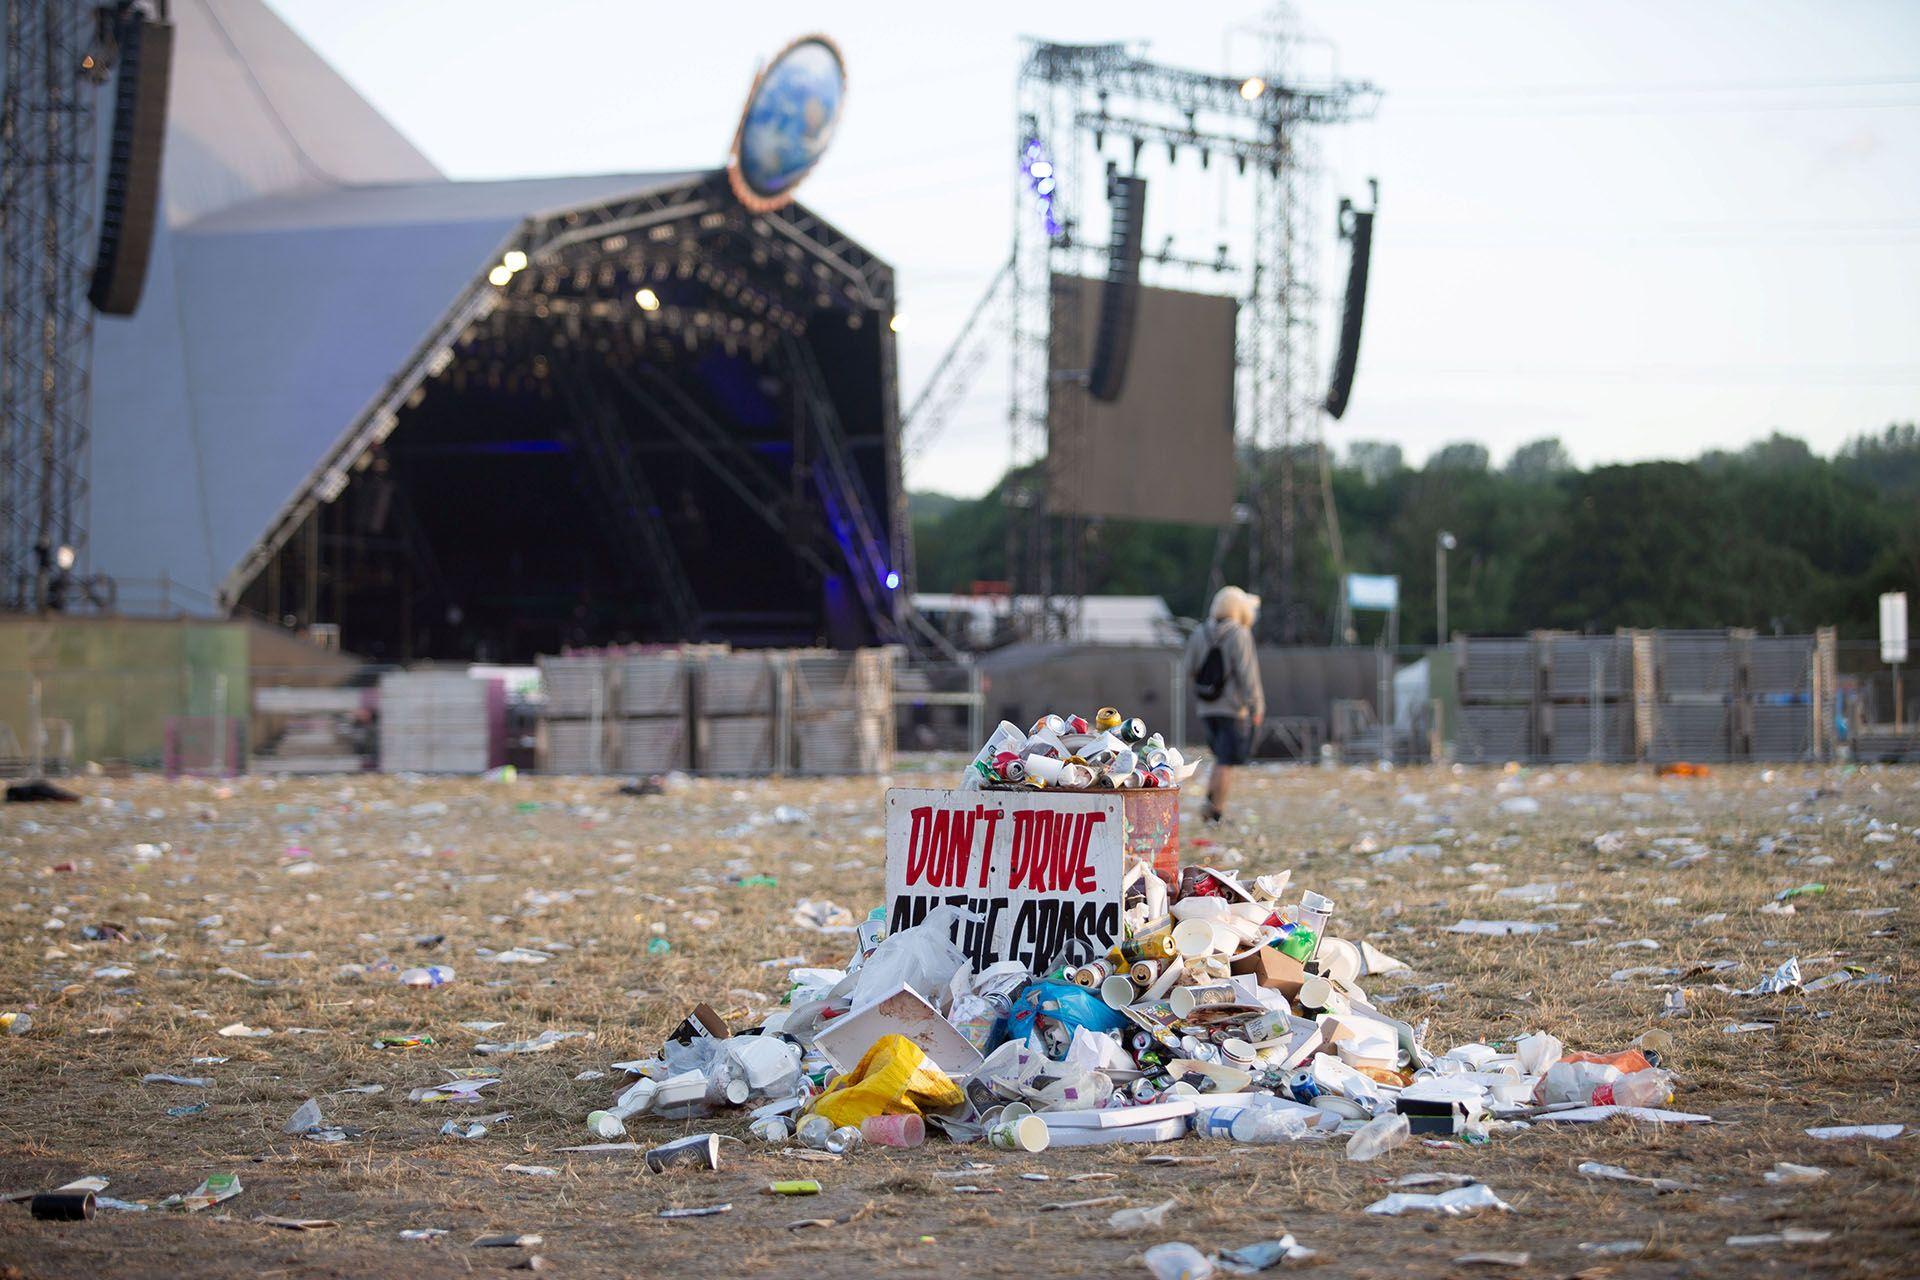 Image may contain: Human, Person, Trash